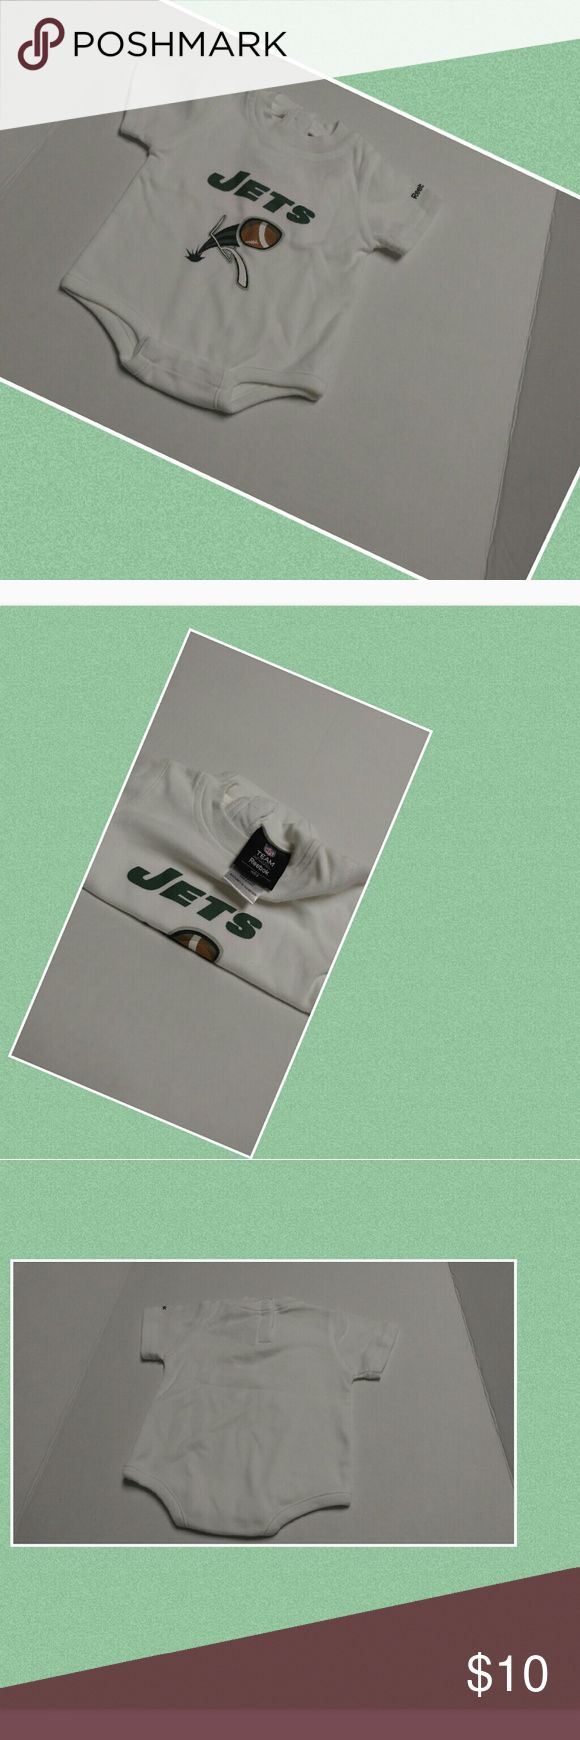 0-3months Jets onesie_Reebok kids apparel 0-3months Jets onesie_Reebok kids apparel; used in good condition Reebok One Pieces Bodysuits